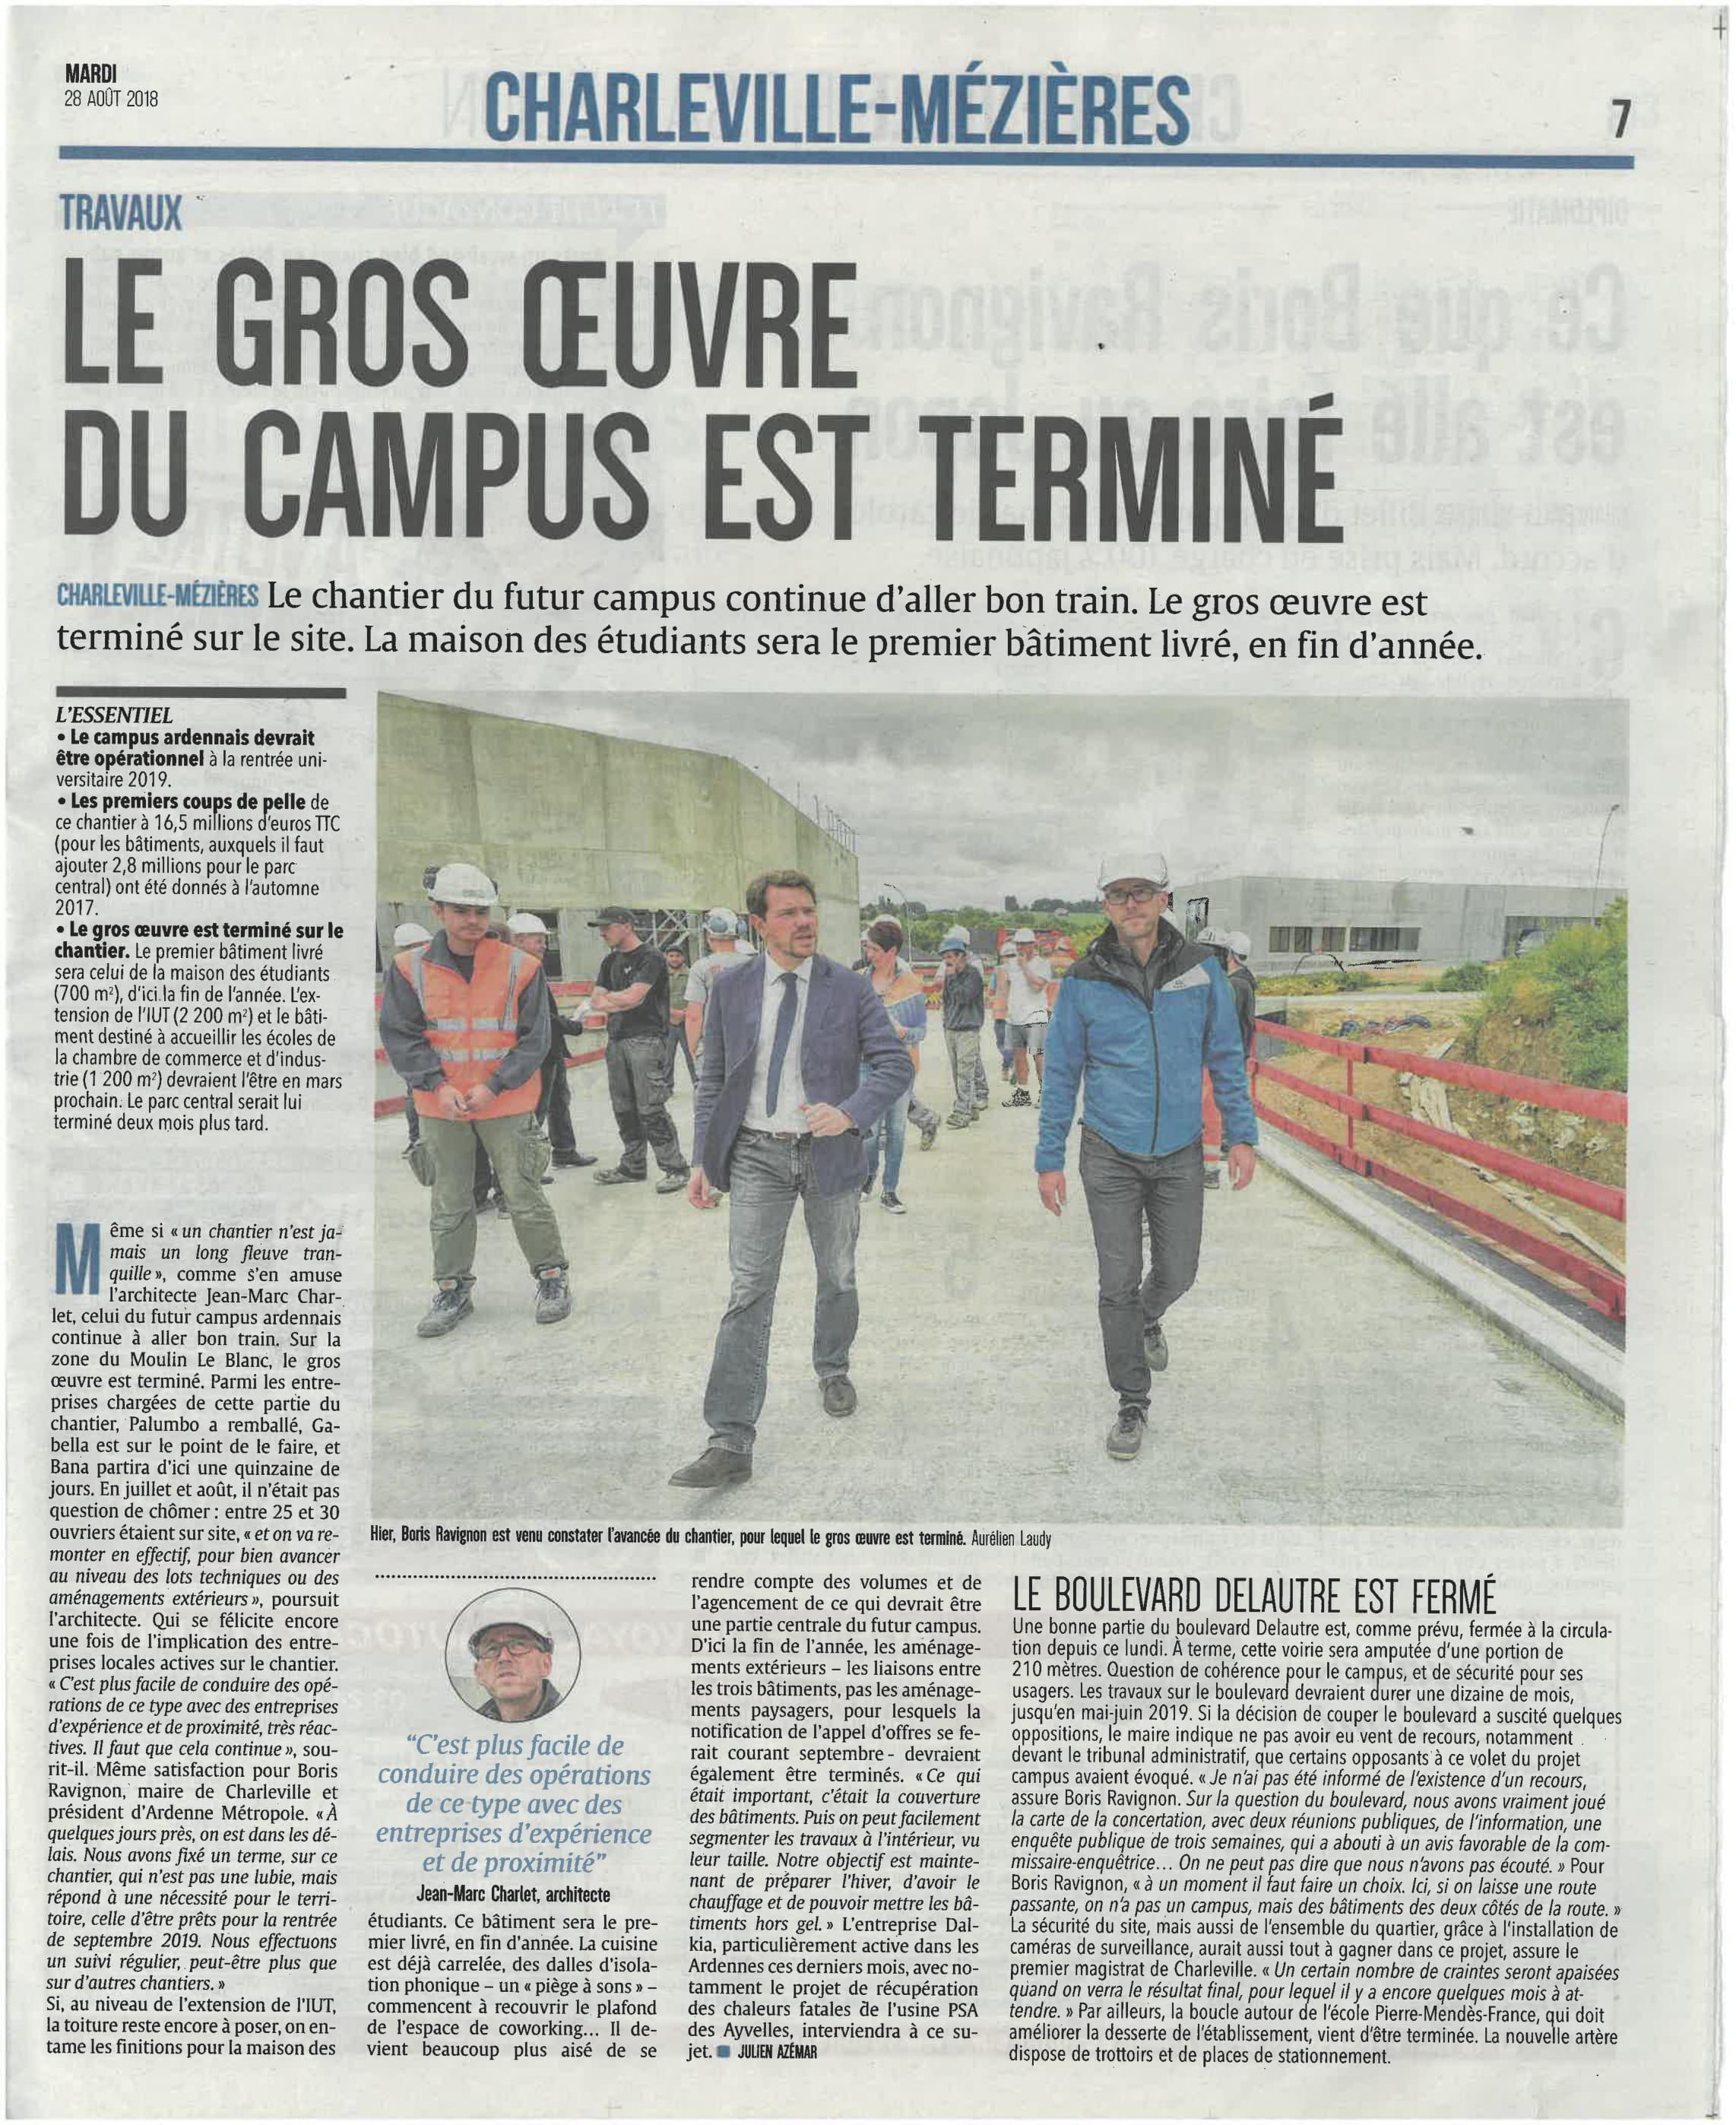 L'ARDENNAIS_Page 7 du 28082018-1